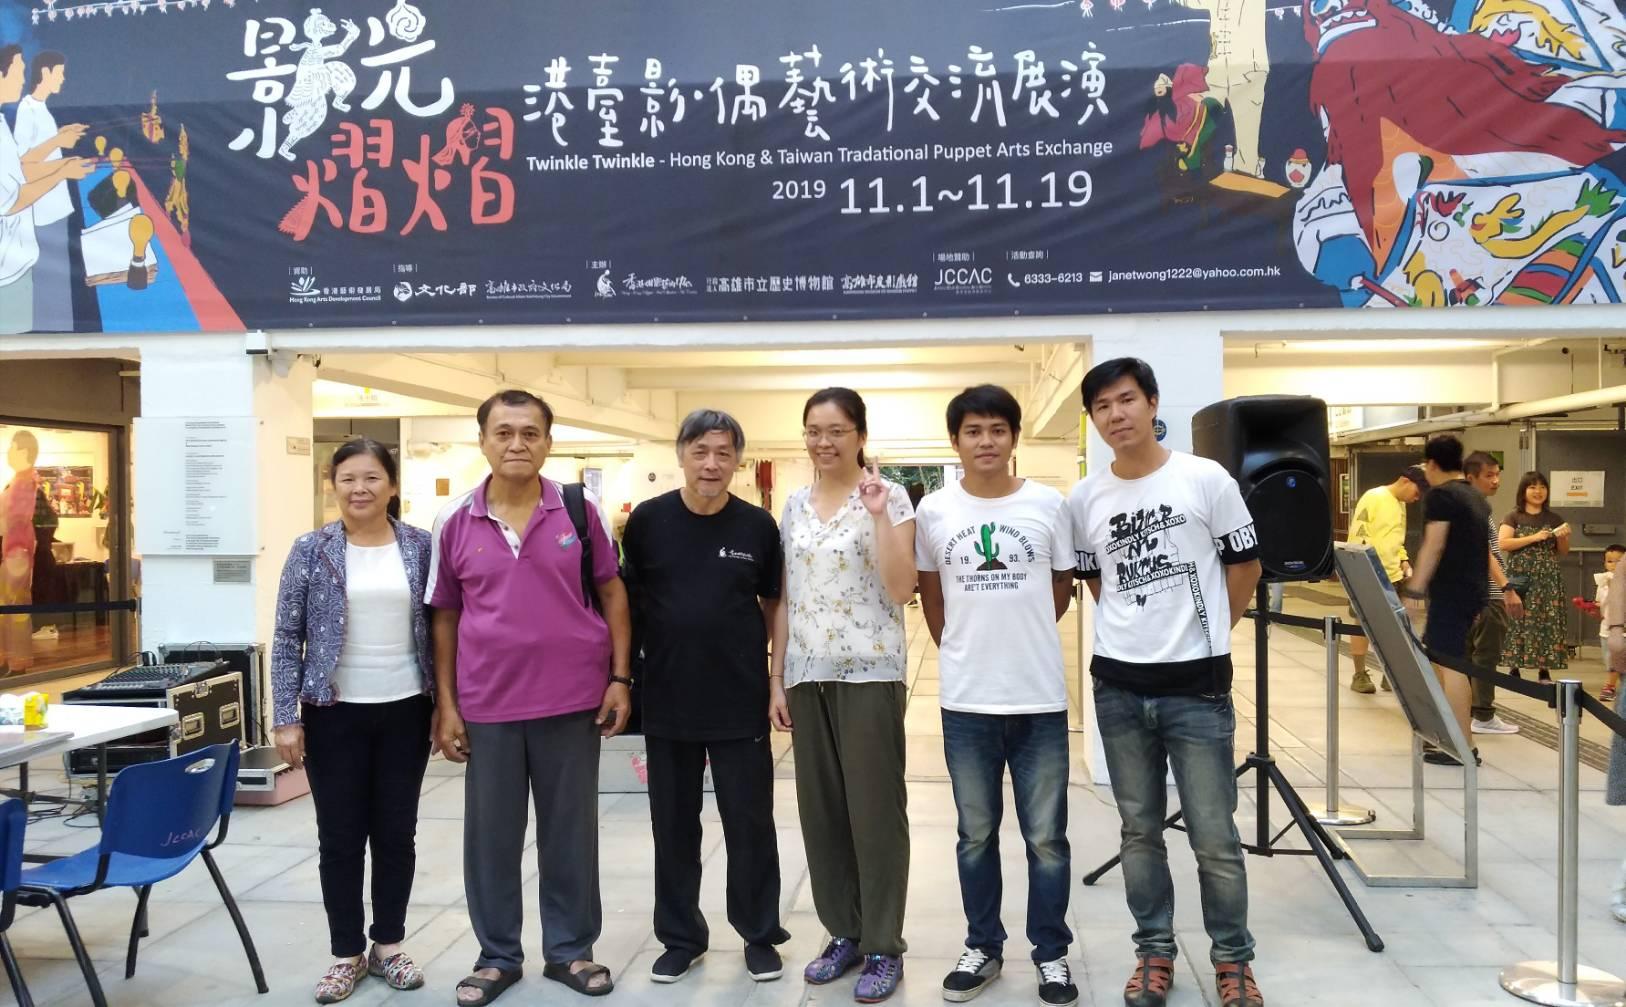 香港偶影藝術中心總監黃暉(左三)與訪港交流的觀音山東華皮影劇團團長張榑國(左二)一家人合照。(受訪者提供)